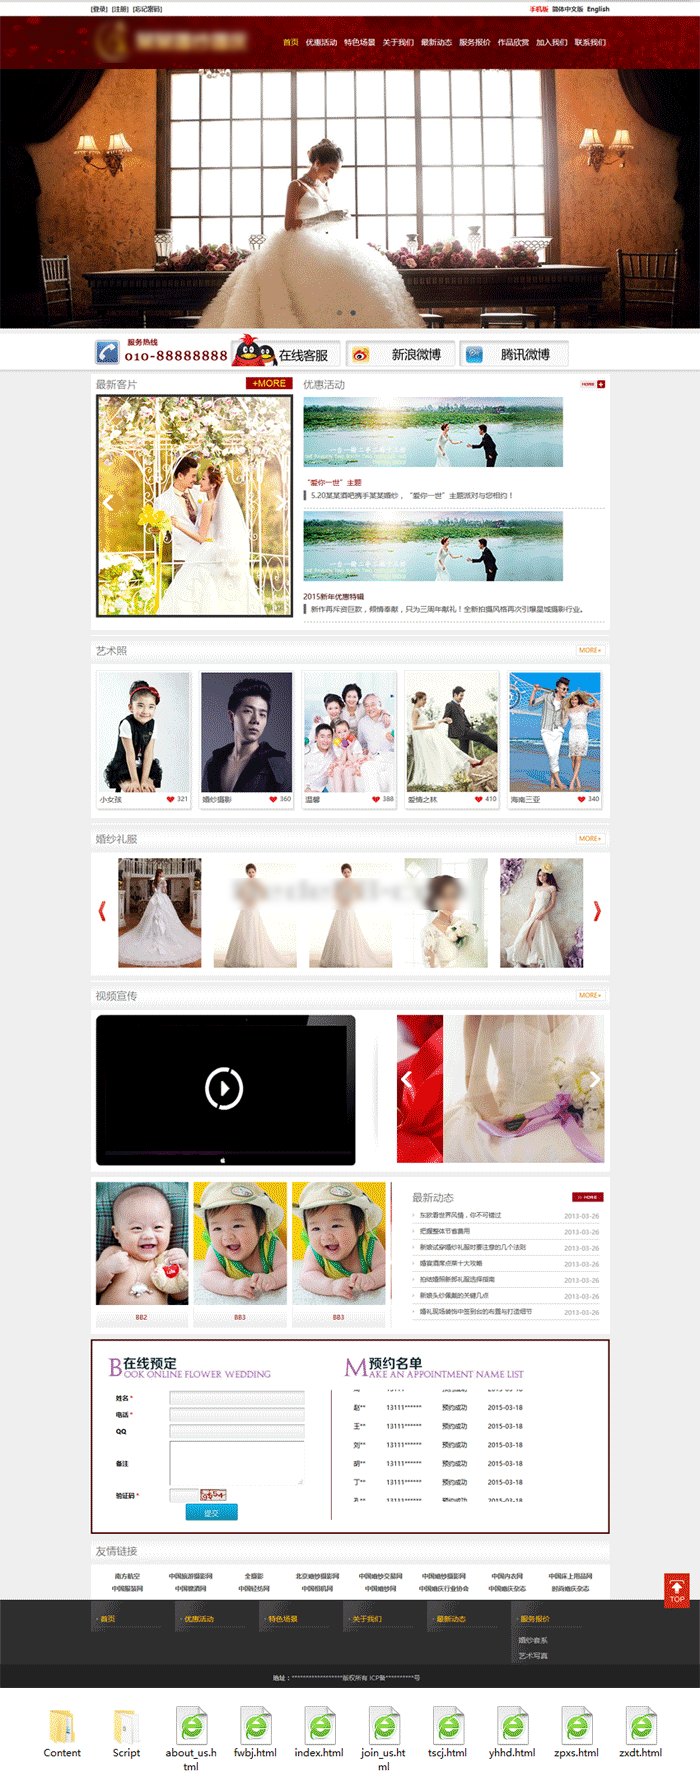 大气的婚庆公司婚纱摄影网站模板html整站